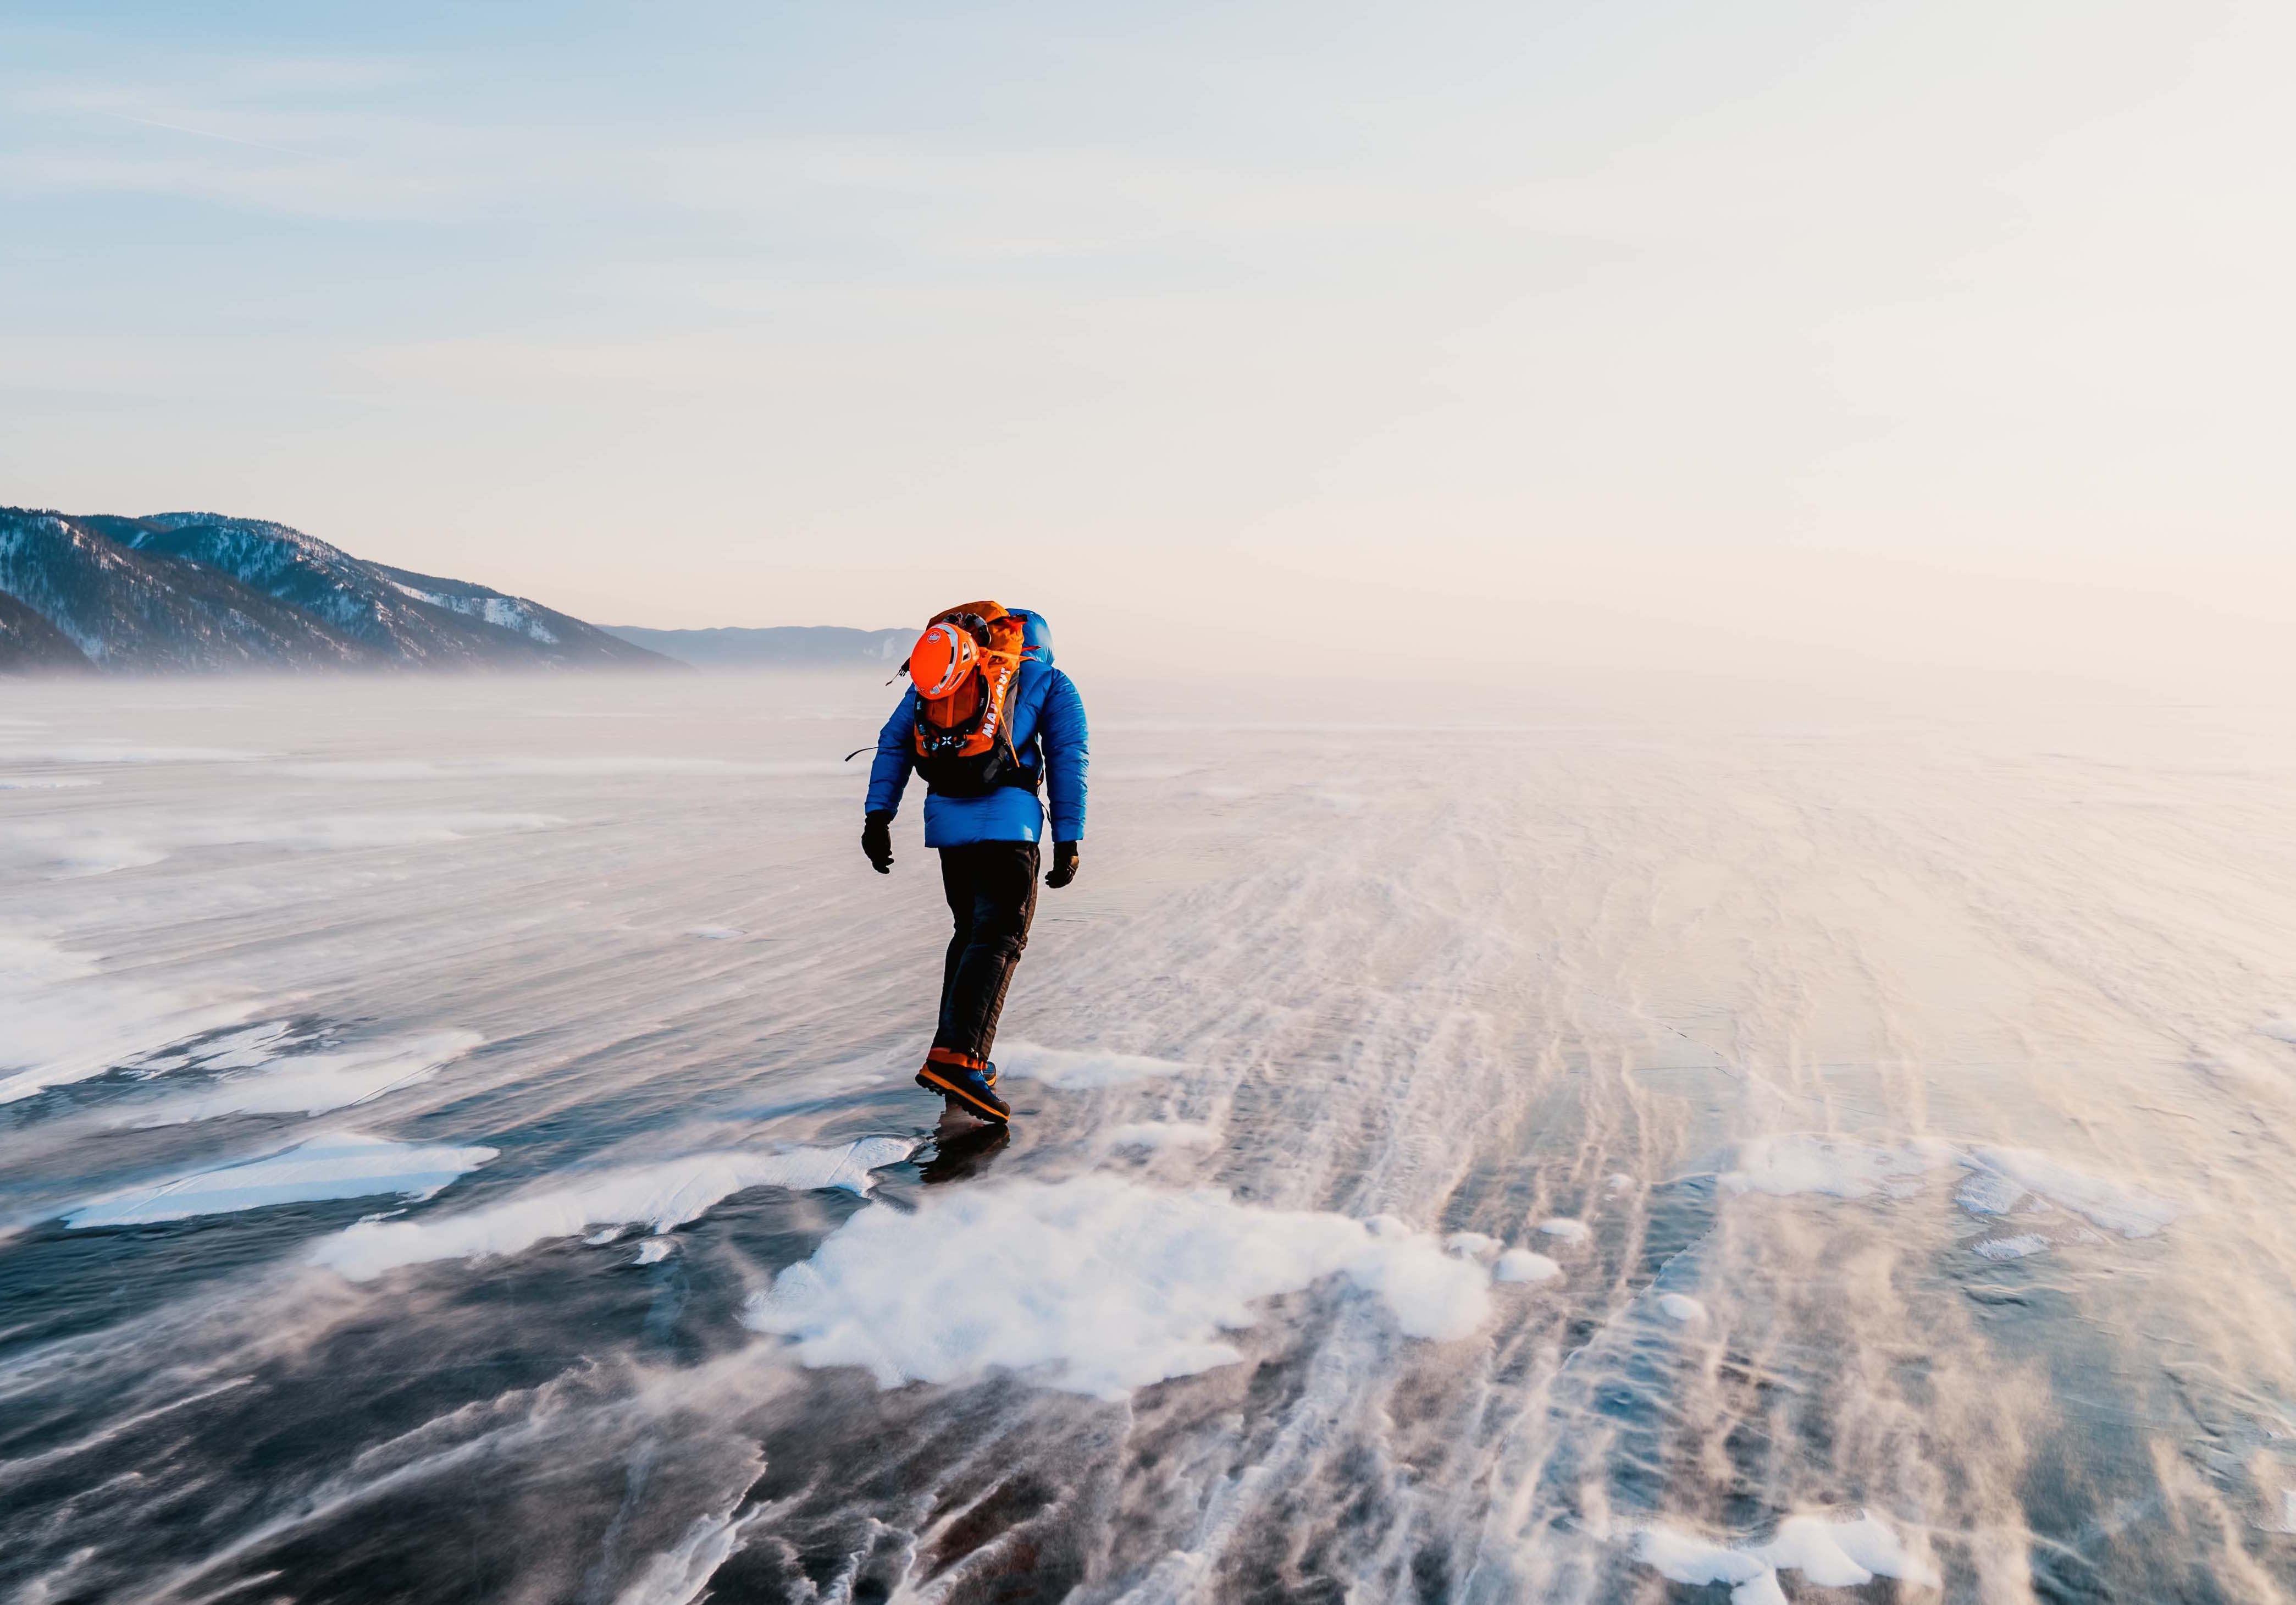 expedition-baikal-film-avventura-sul-lago-piu-profondo-della-terra